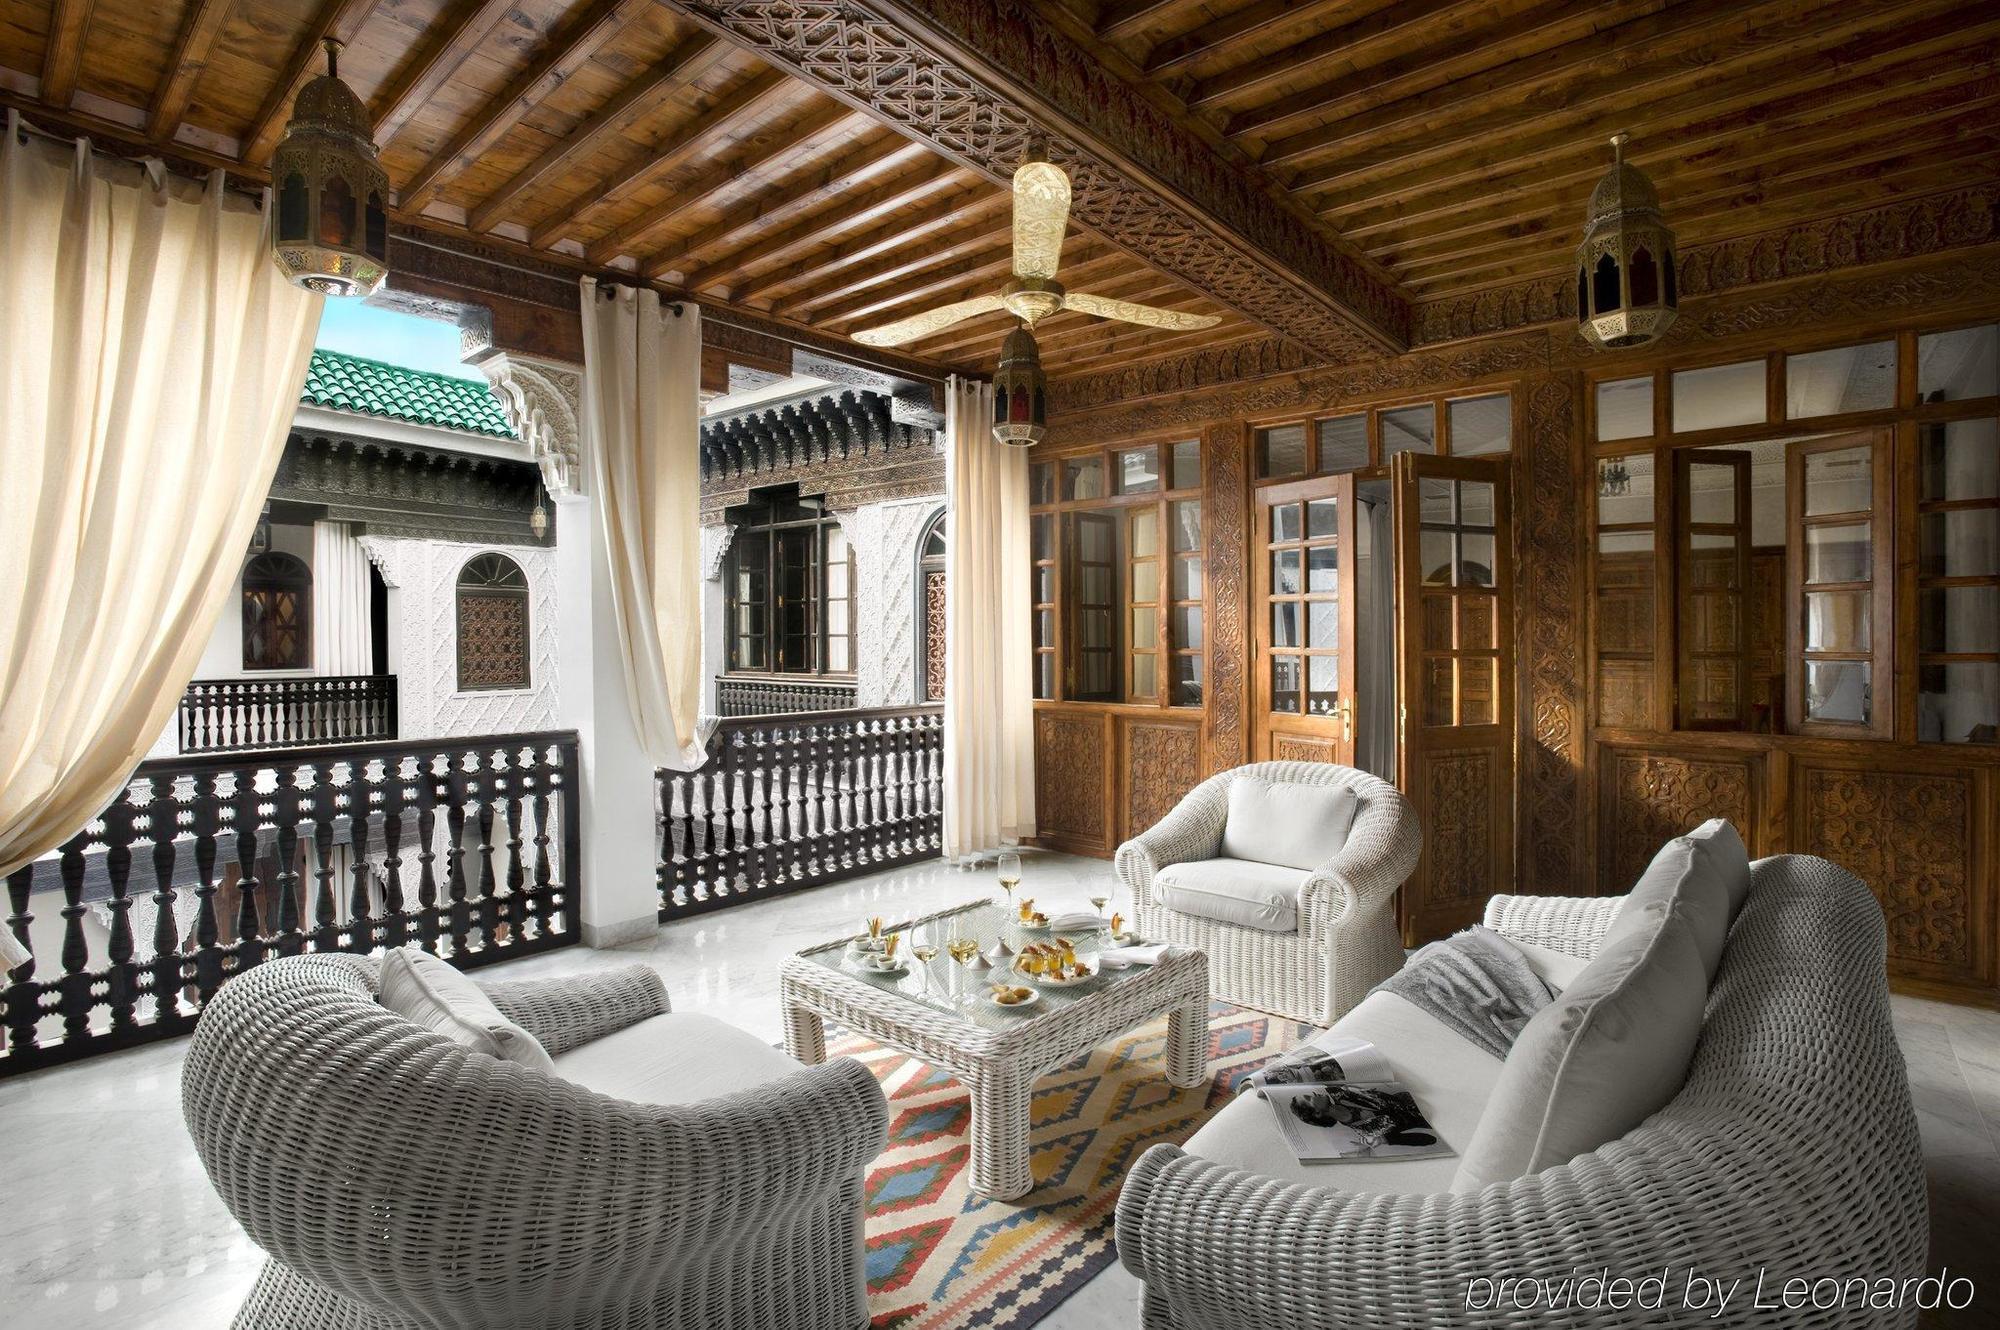 Αποτέλεσμα εικόνας για La Sultana bar Marrakech views